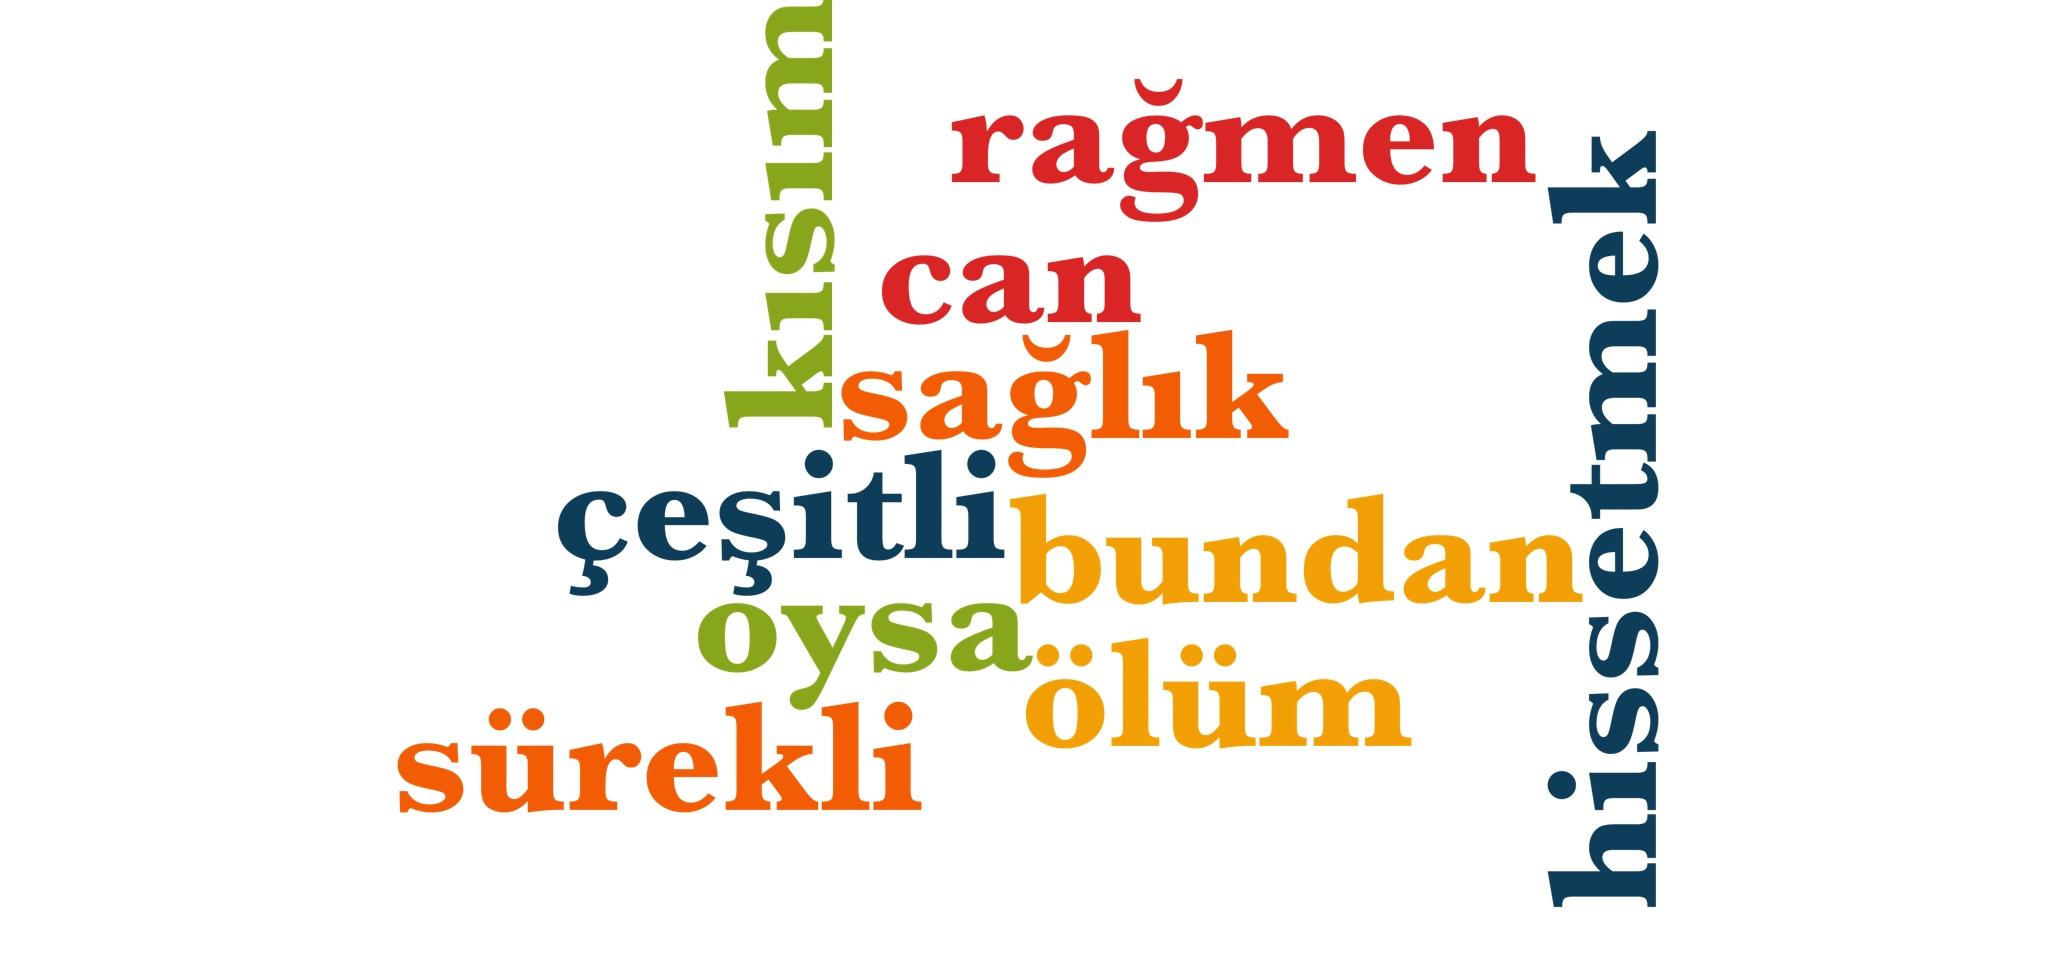 Wörter 381 bis 390 der 1000 häufigsten Wörter der türkischen Sprache